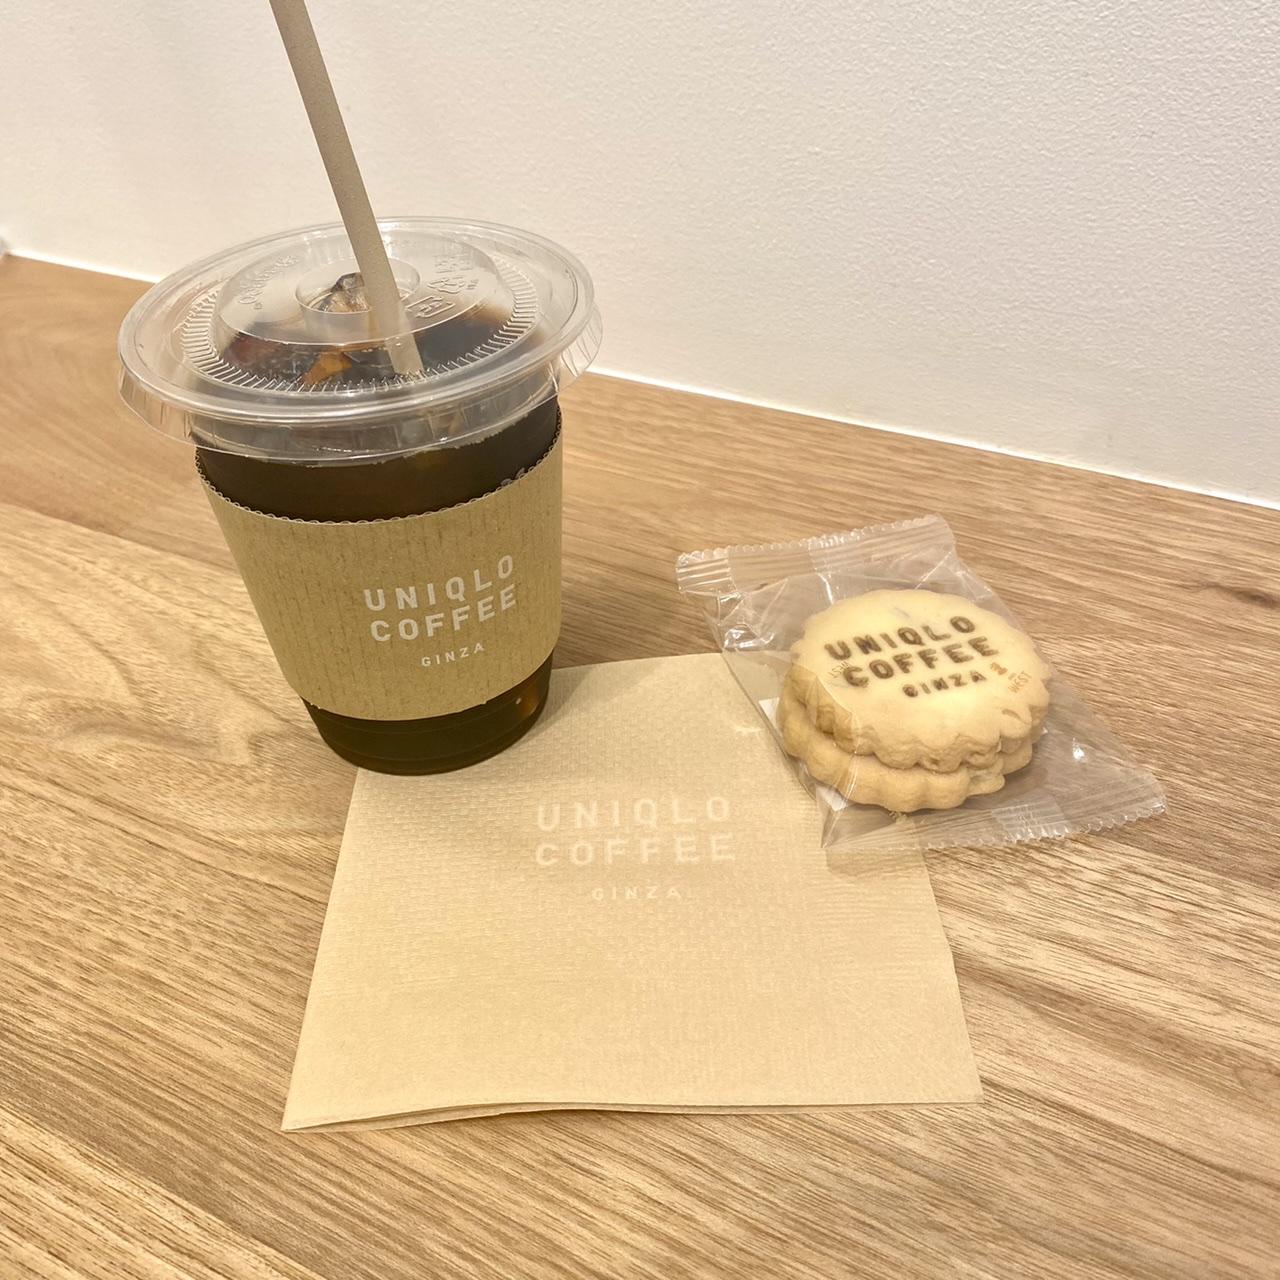 オリジナルコーヒーとバタークッキー